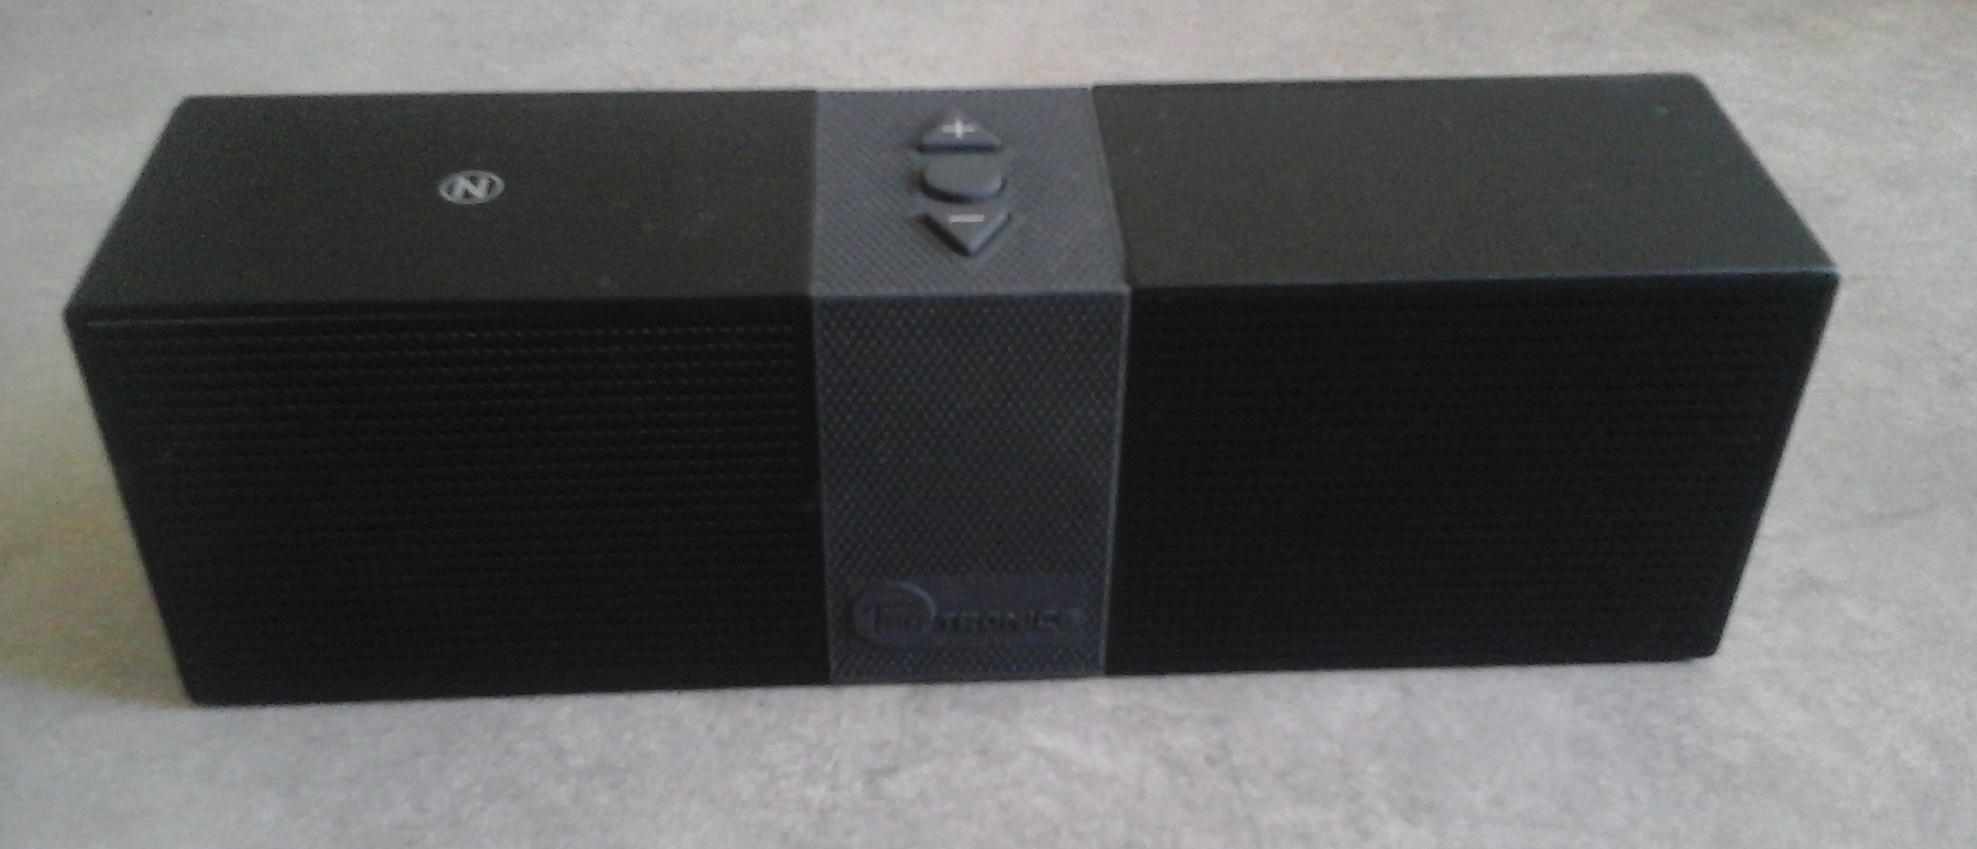 Le haut-parleur Bluetooth portable TaoTronics TT-SK02